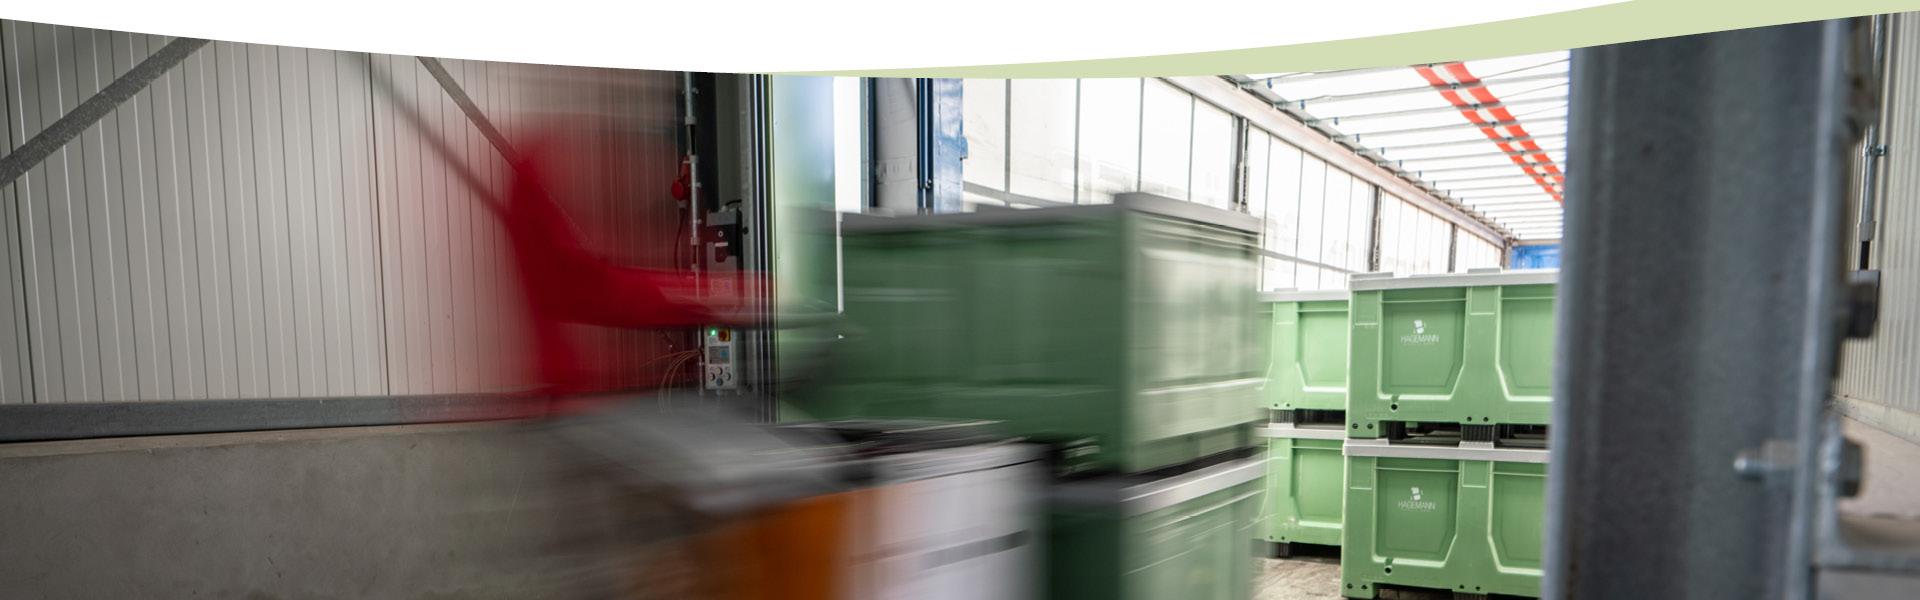 Futtermittel aus Abfall - Hagemann Dienste GmbH